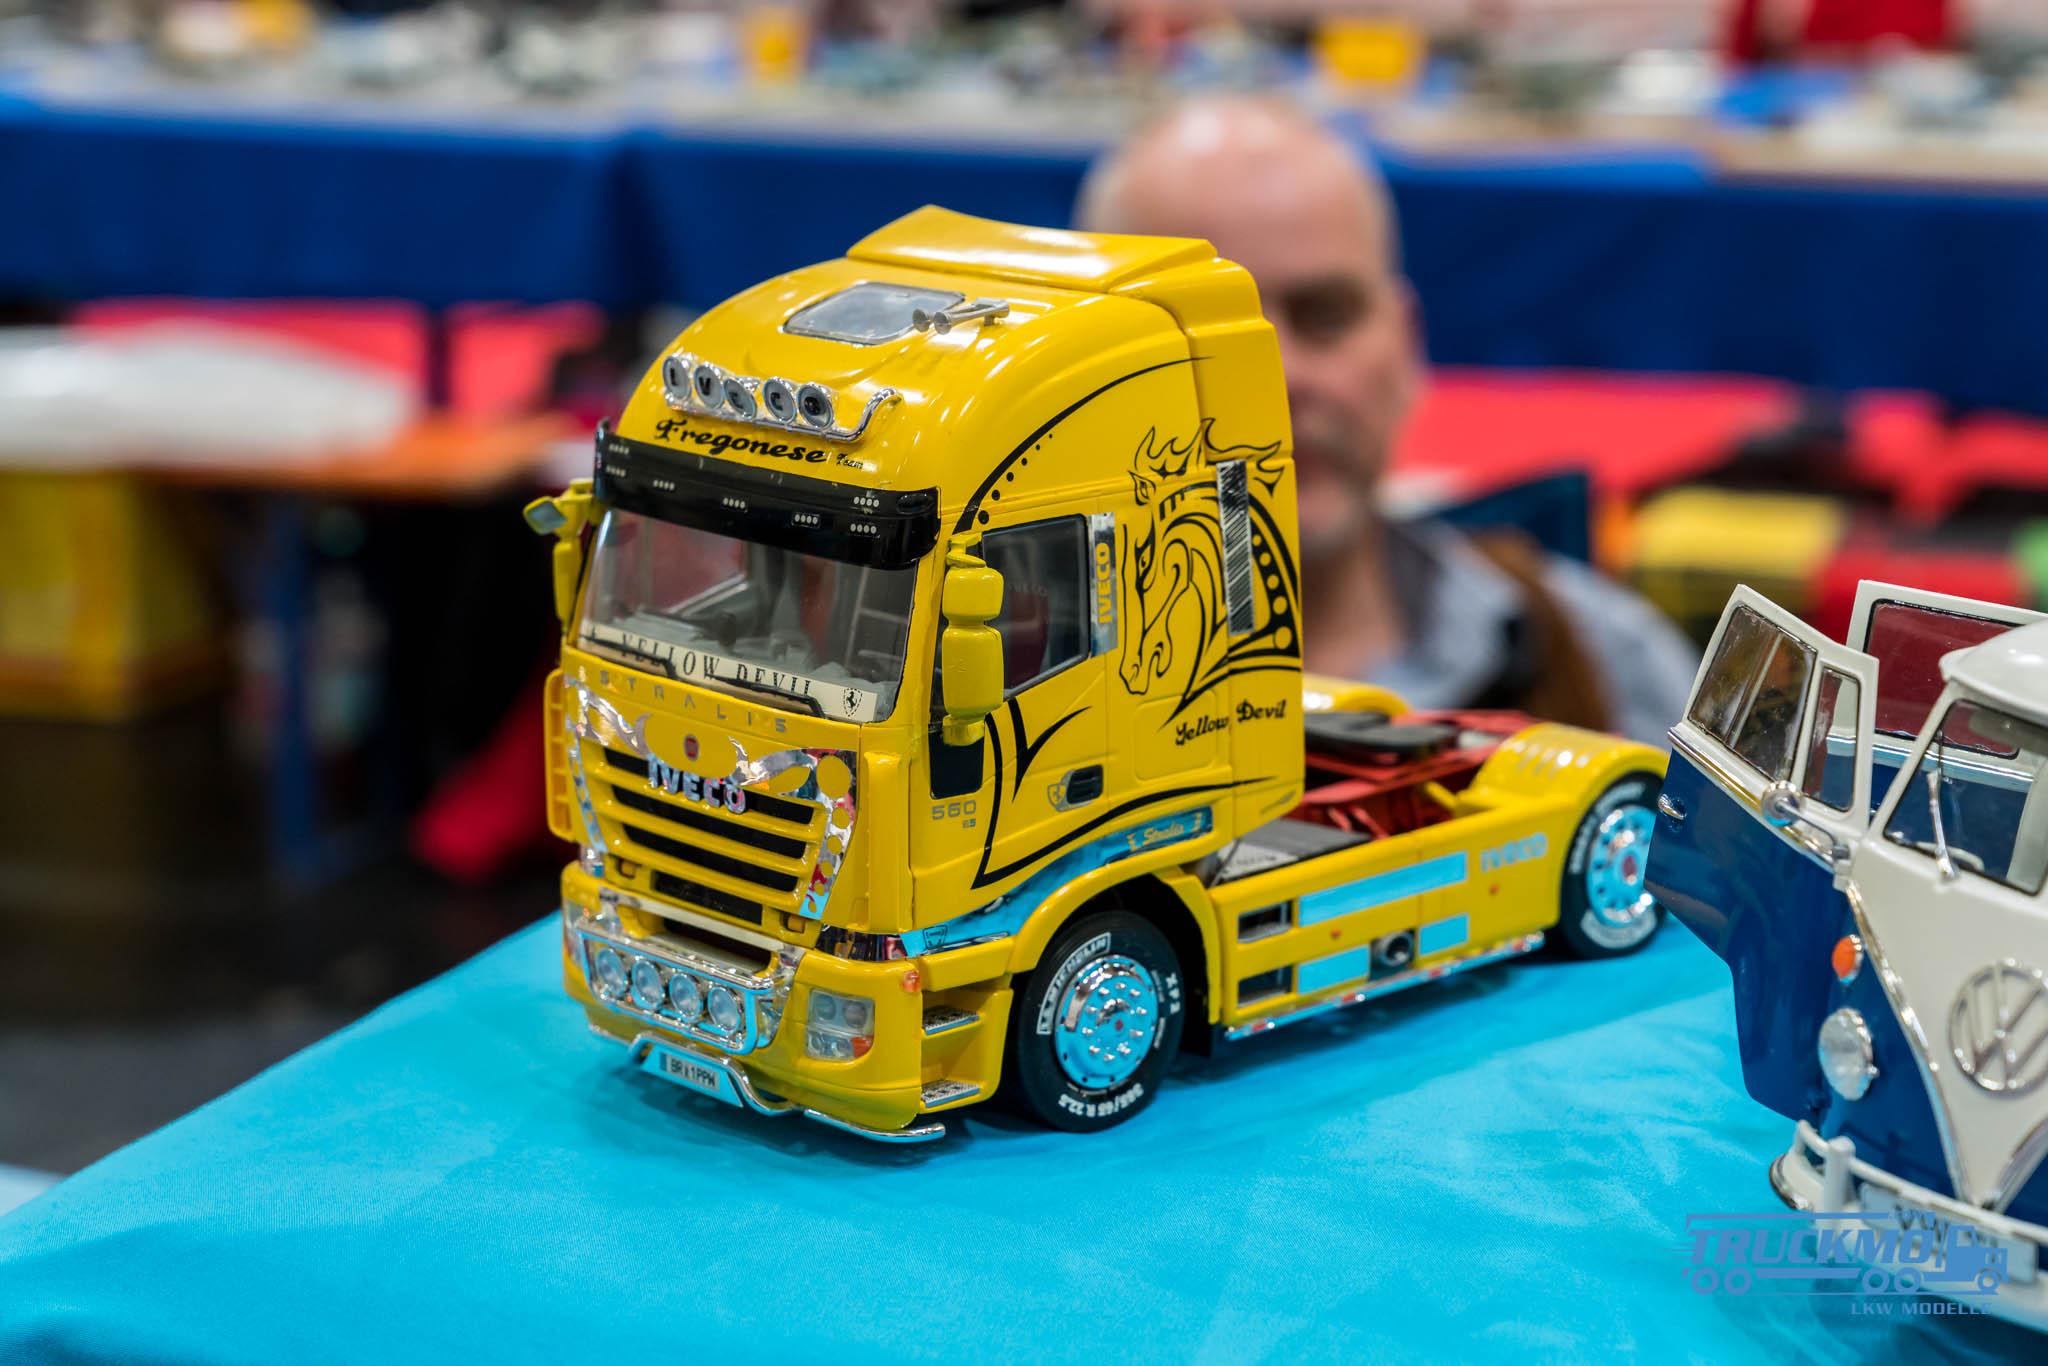 Truckmo_Modellbau_Ried_2017_Herpa_Messe_Modellbauausstellung (337 von 1177)